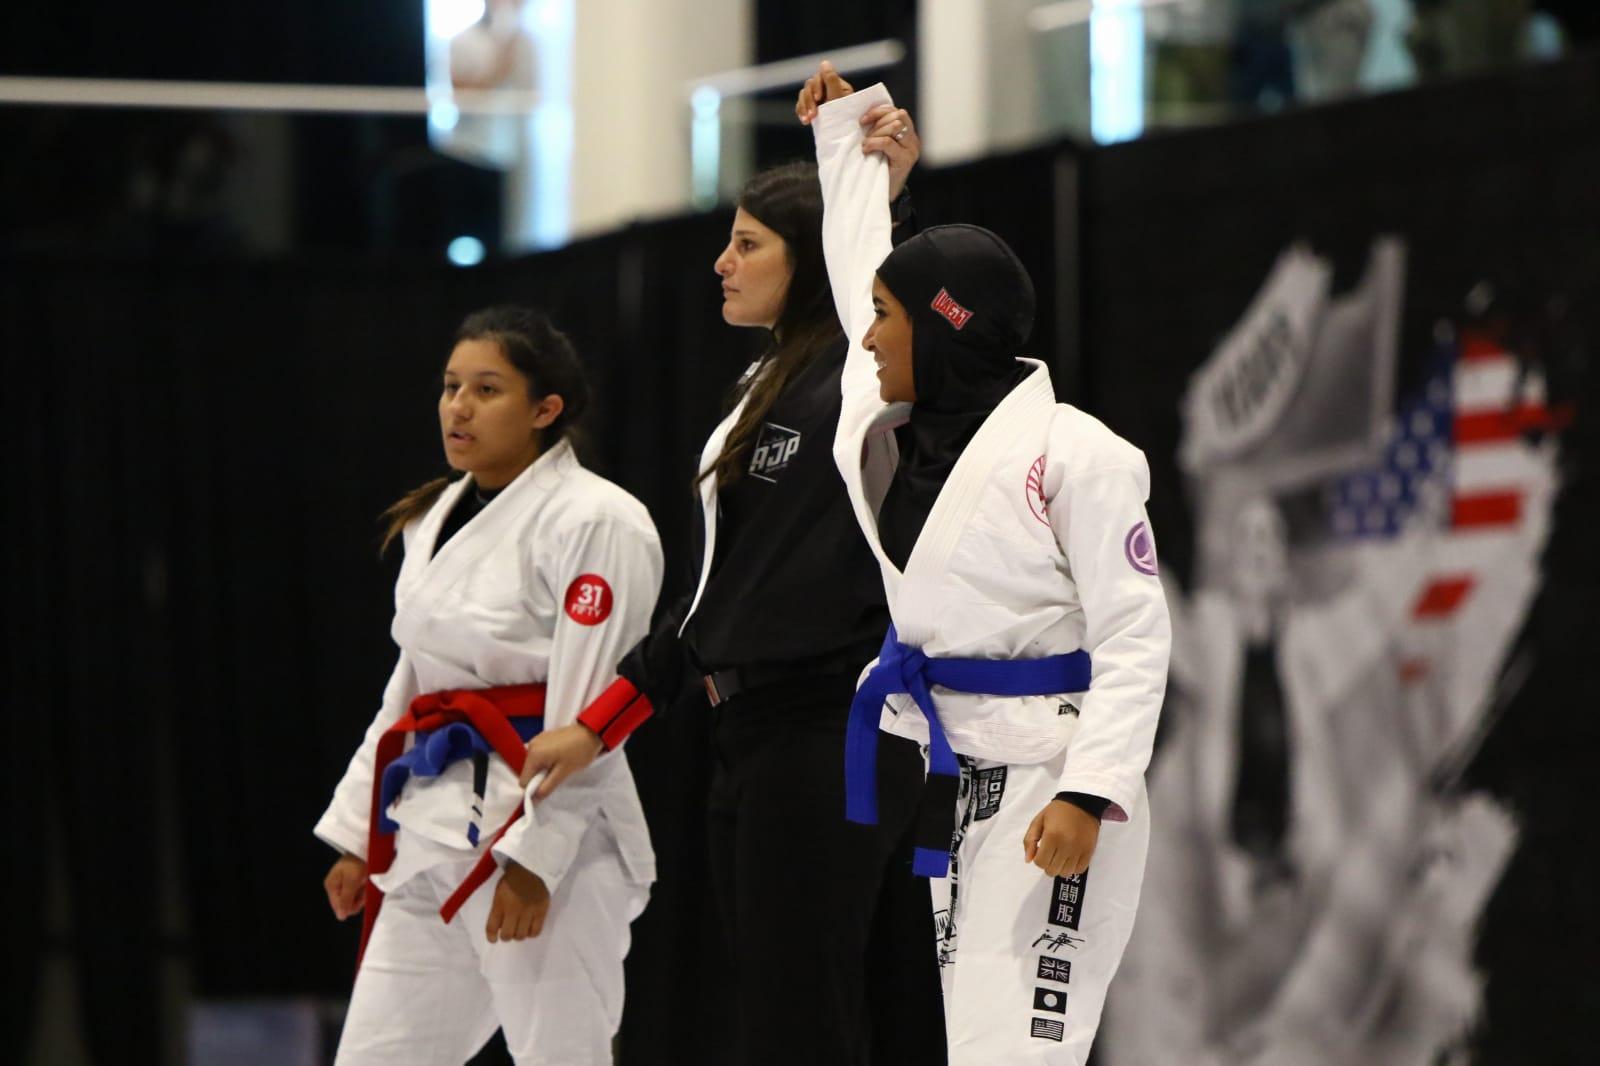 UAE wins 43 jiu-jitsu medals in Los Angeles